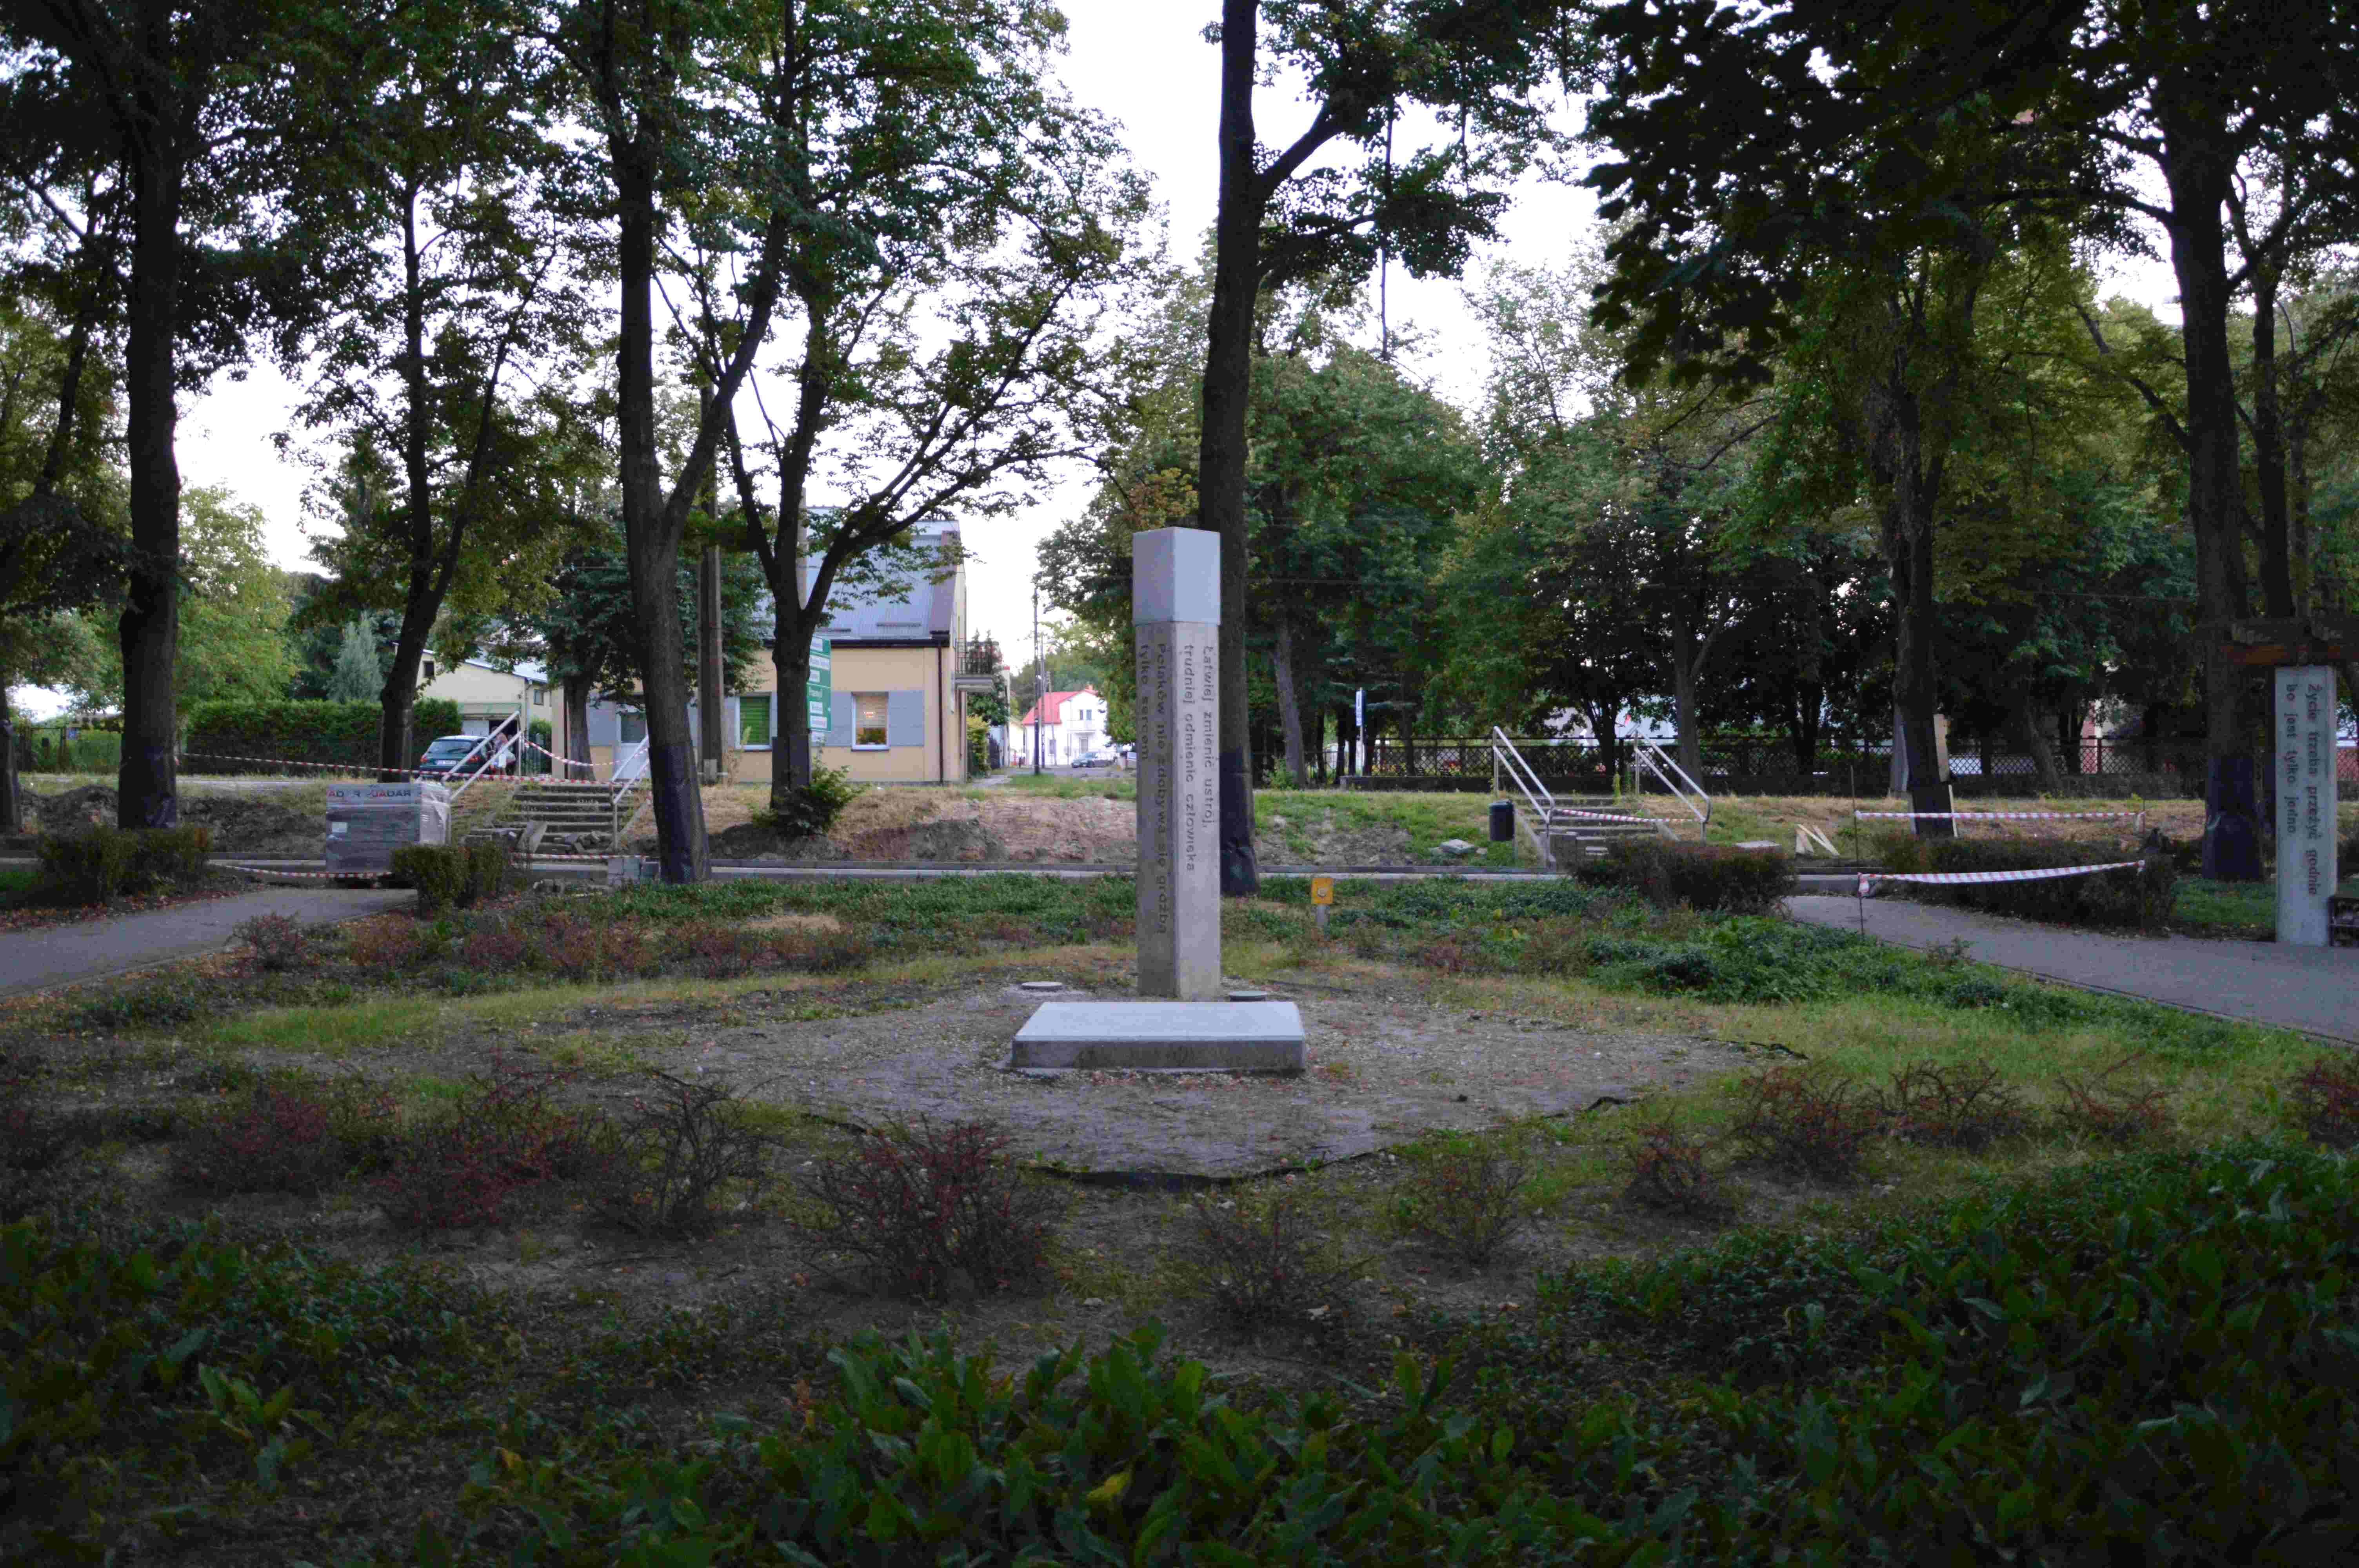 W sobotę odsłonięcie pomnika kardynała Wyszyńskiego na lubelskich Bronowicach  - Zdjęcie główne